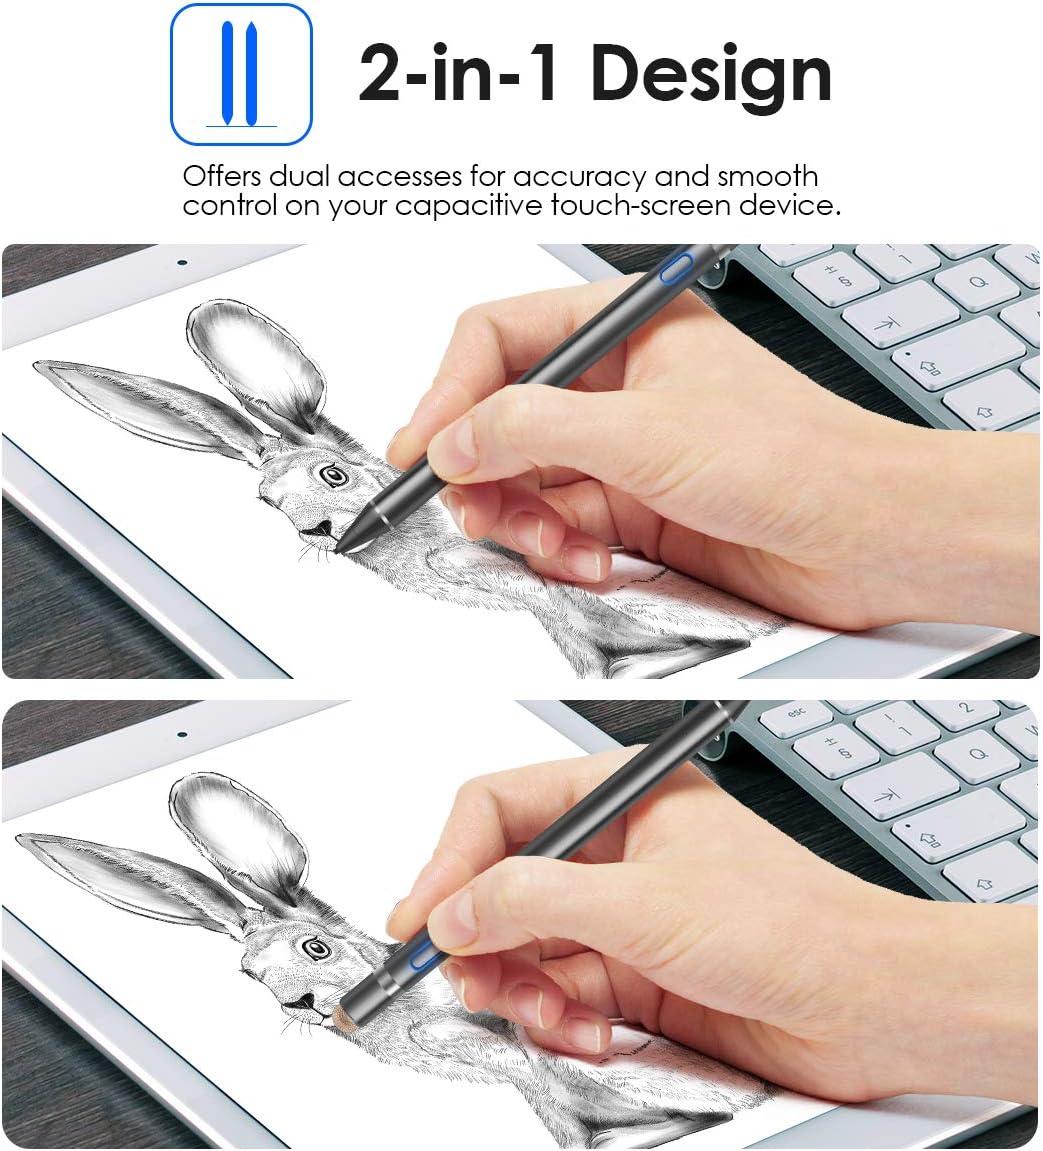 Osaloe Penna Stilo Nero Stilo Capacitivo di Precisione 2 in 1 ad Alta Sensibilit/à con Punta Fine da 1,5 mm Stilo Attivo per iPad//iPhone//Andriod e Altri Dispositivi Touchscreen